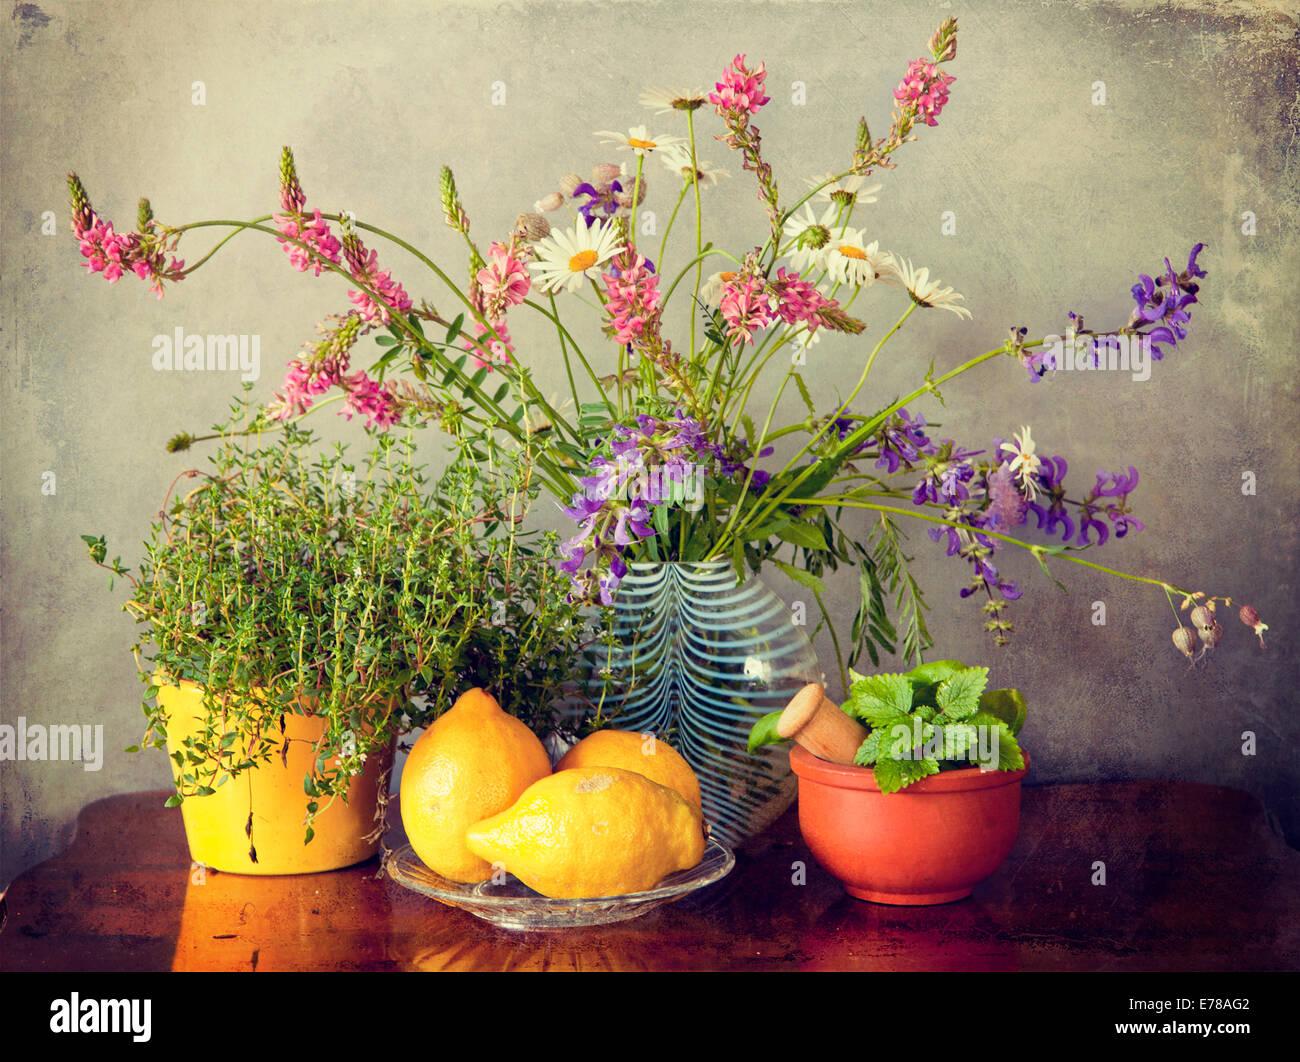 Le erbe del giardino, campo dei fiori in vaso e limone I frutti. Grunge texture e Instagram-come effetto rétro Immagini Stock